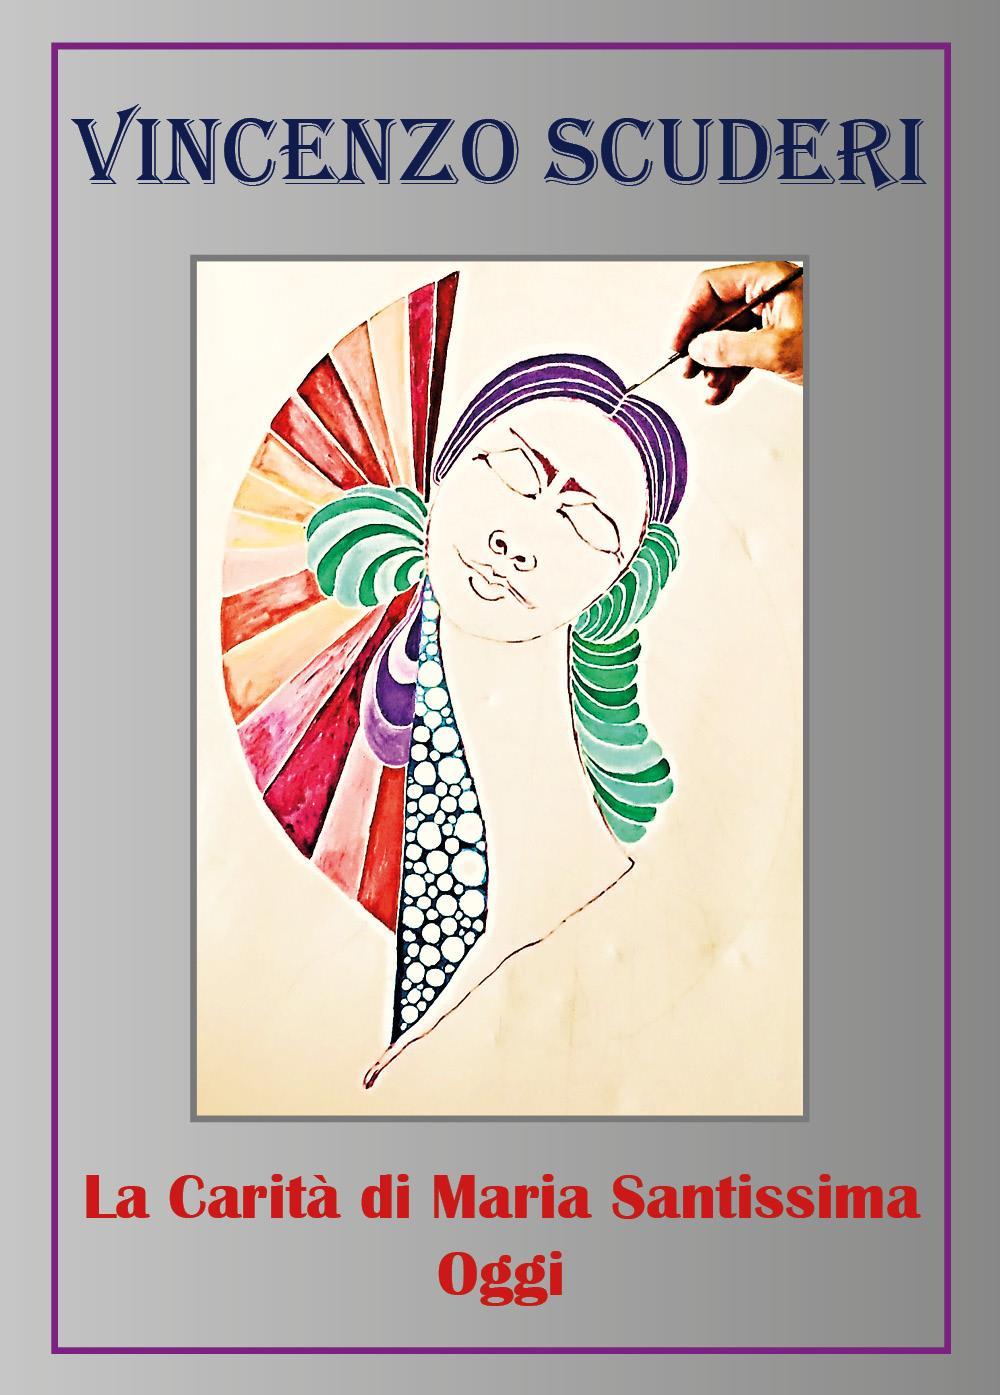 La Carità di Maria Santissima Oggi